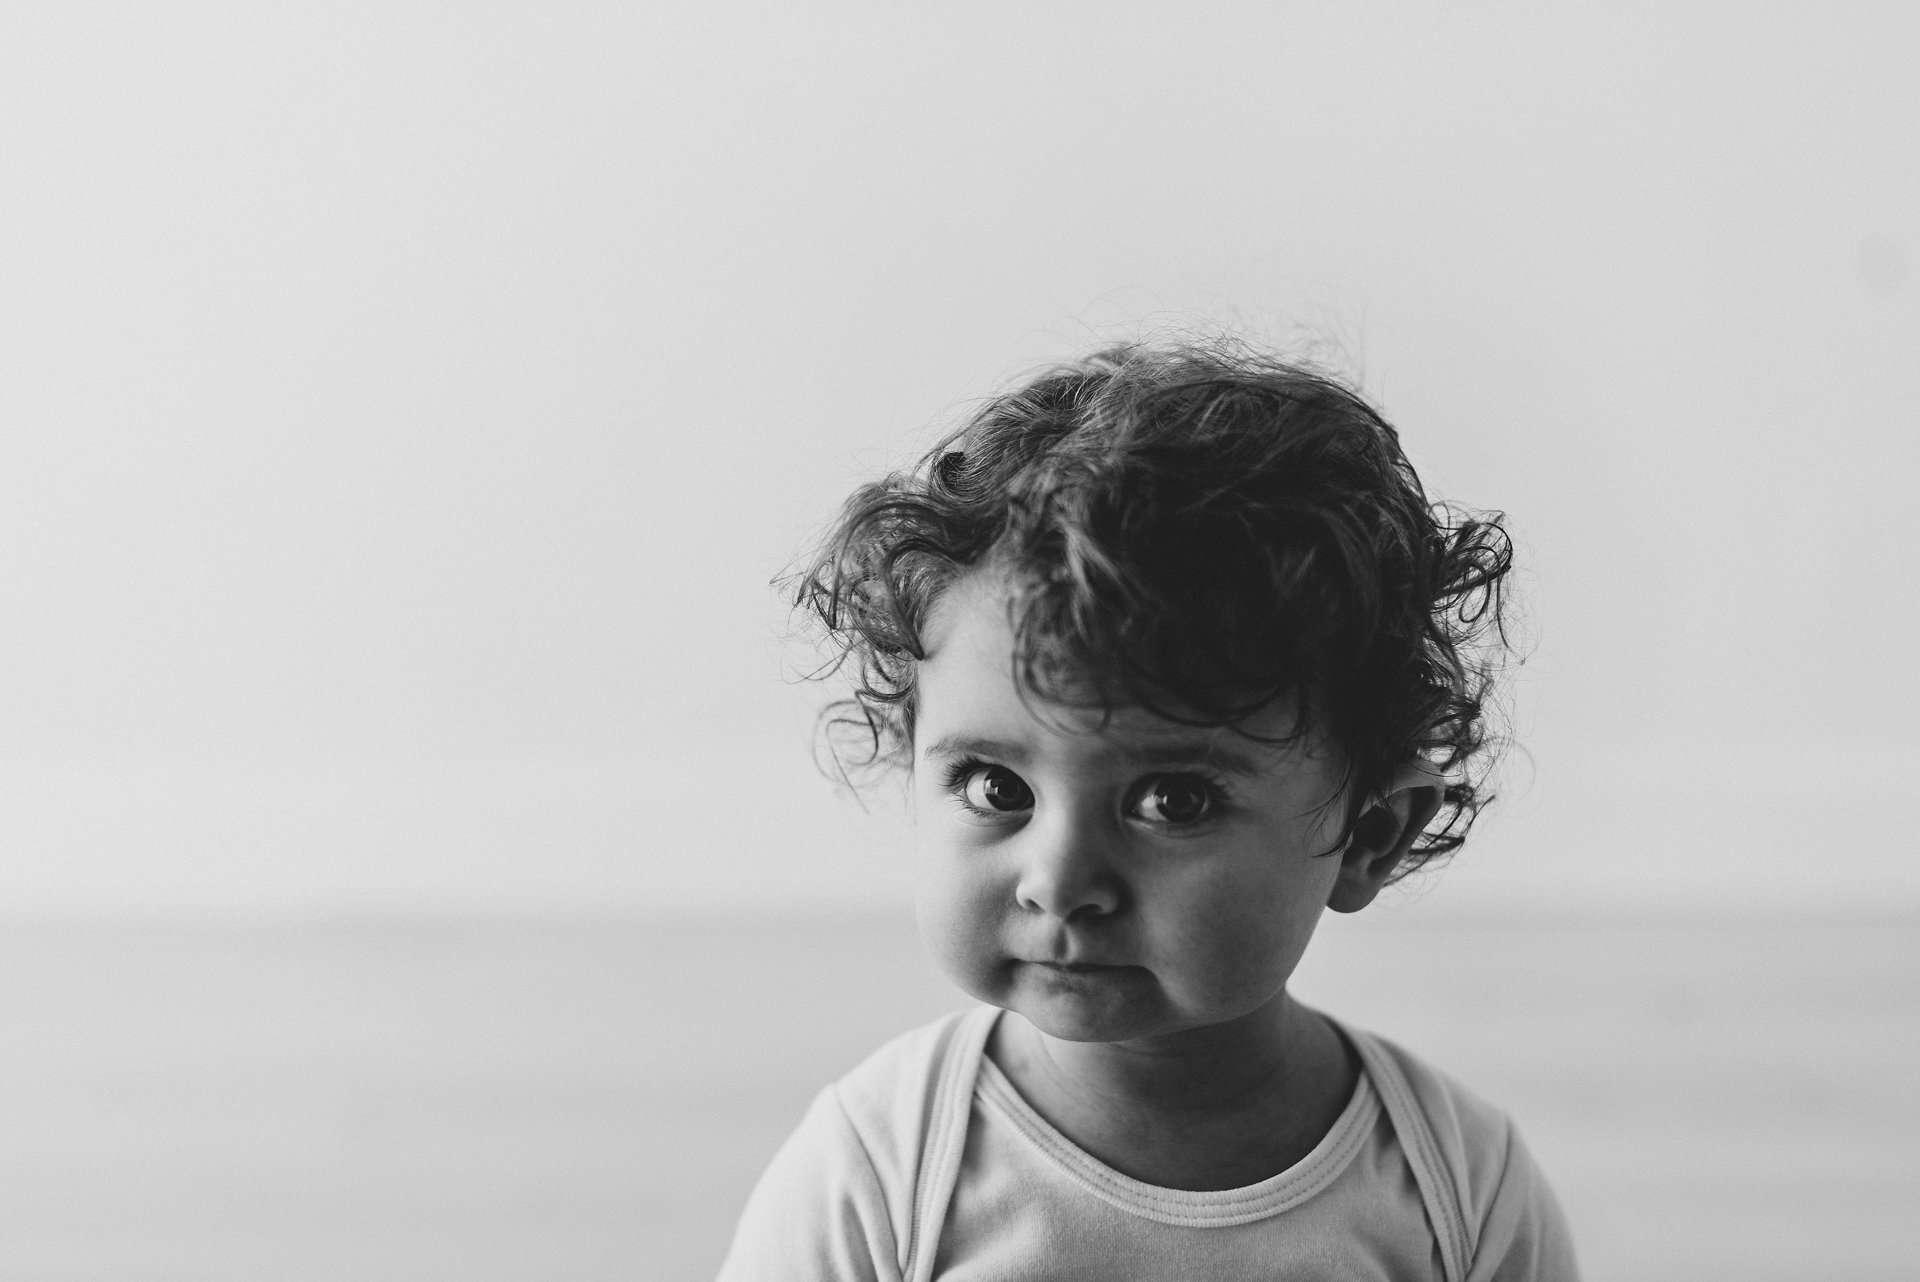 Fotografia bambina riccia a Napoli realizzato da Barbara Trincone Fotografo specializzato in Gravidanza, Maternità, Genitorialità, Nascita e Newborn